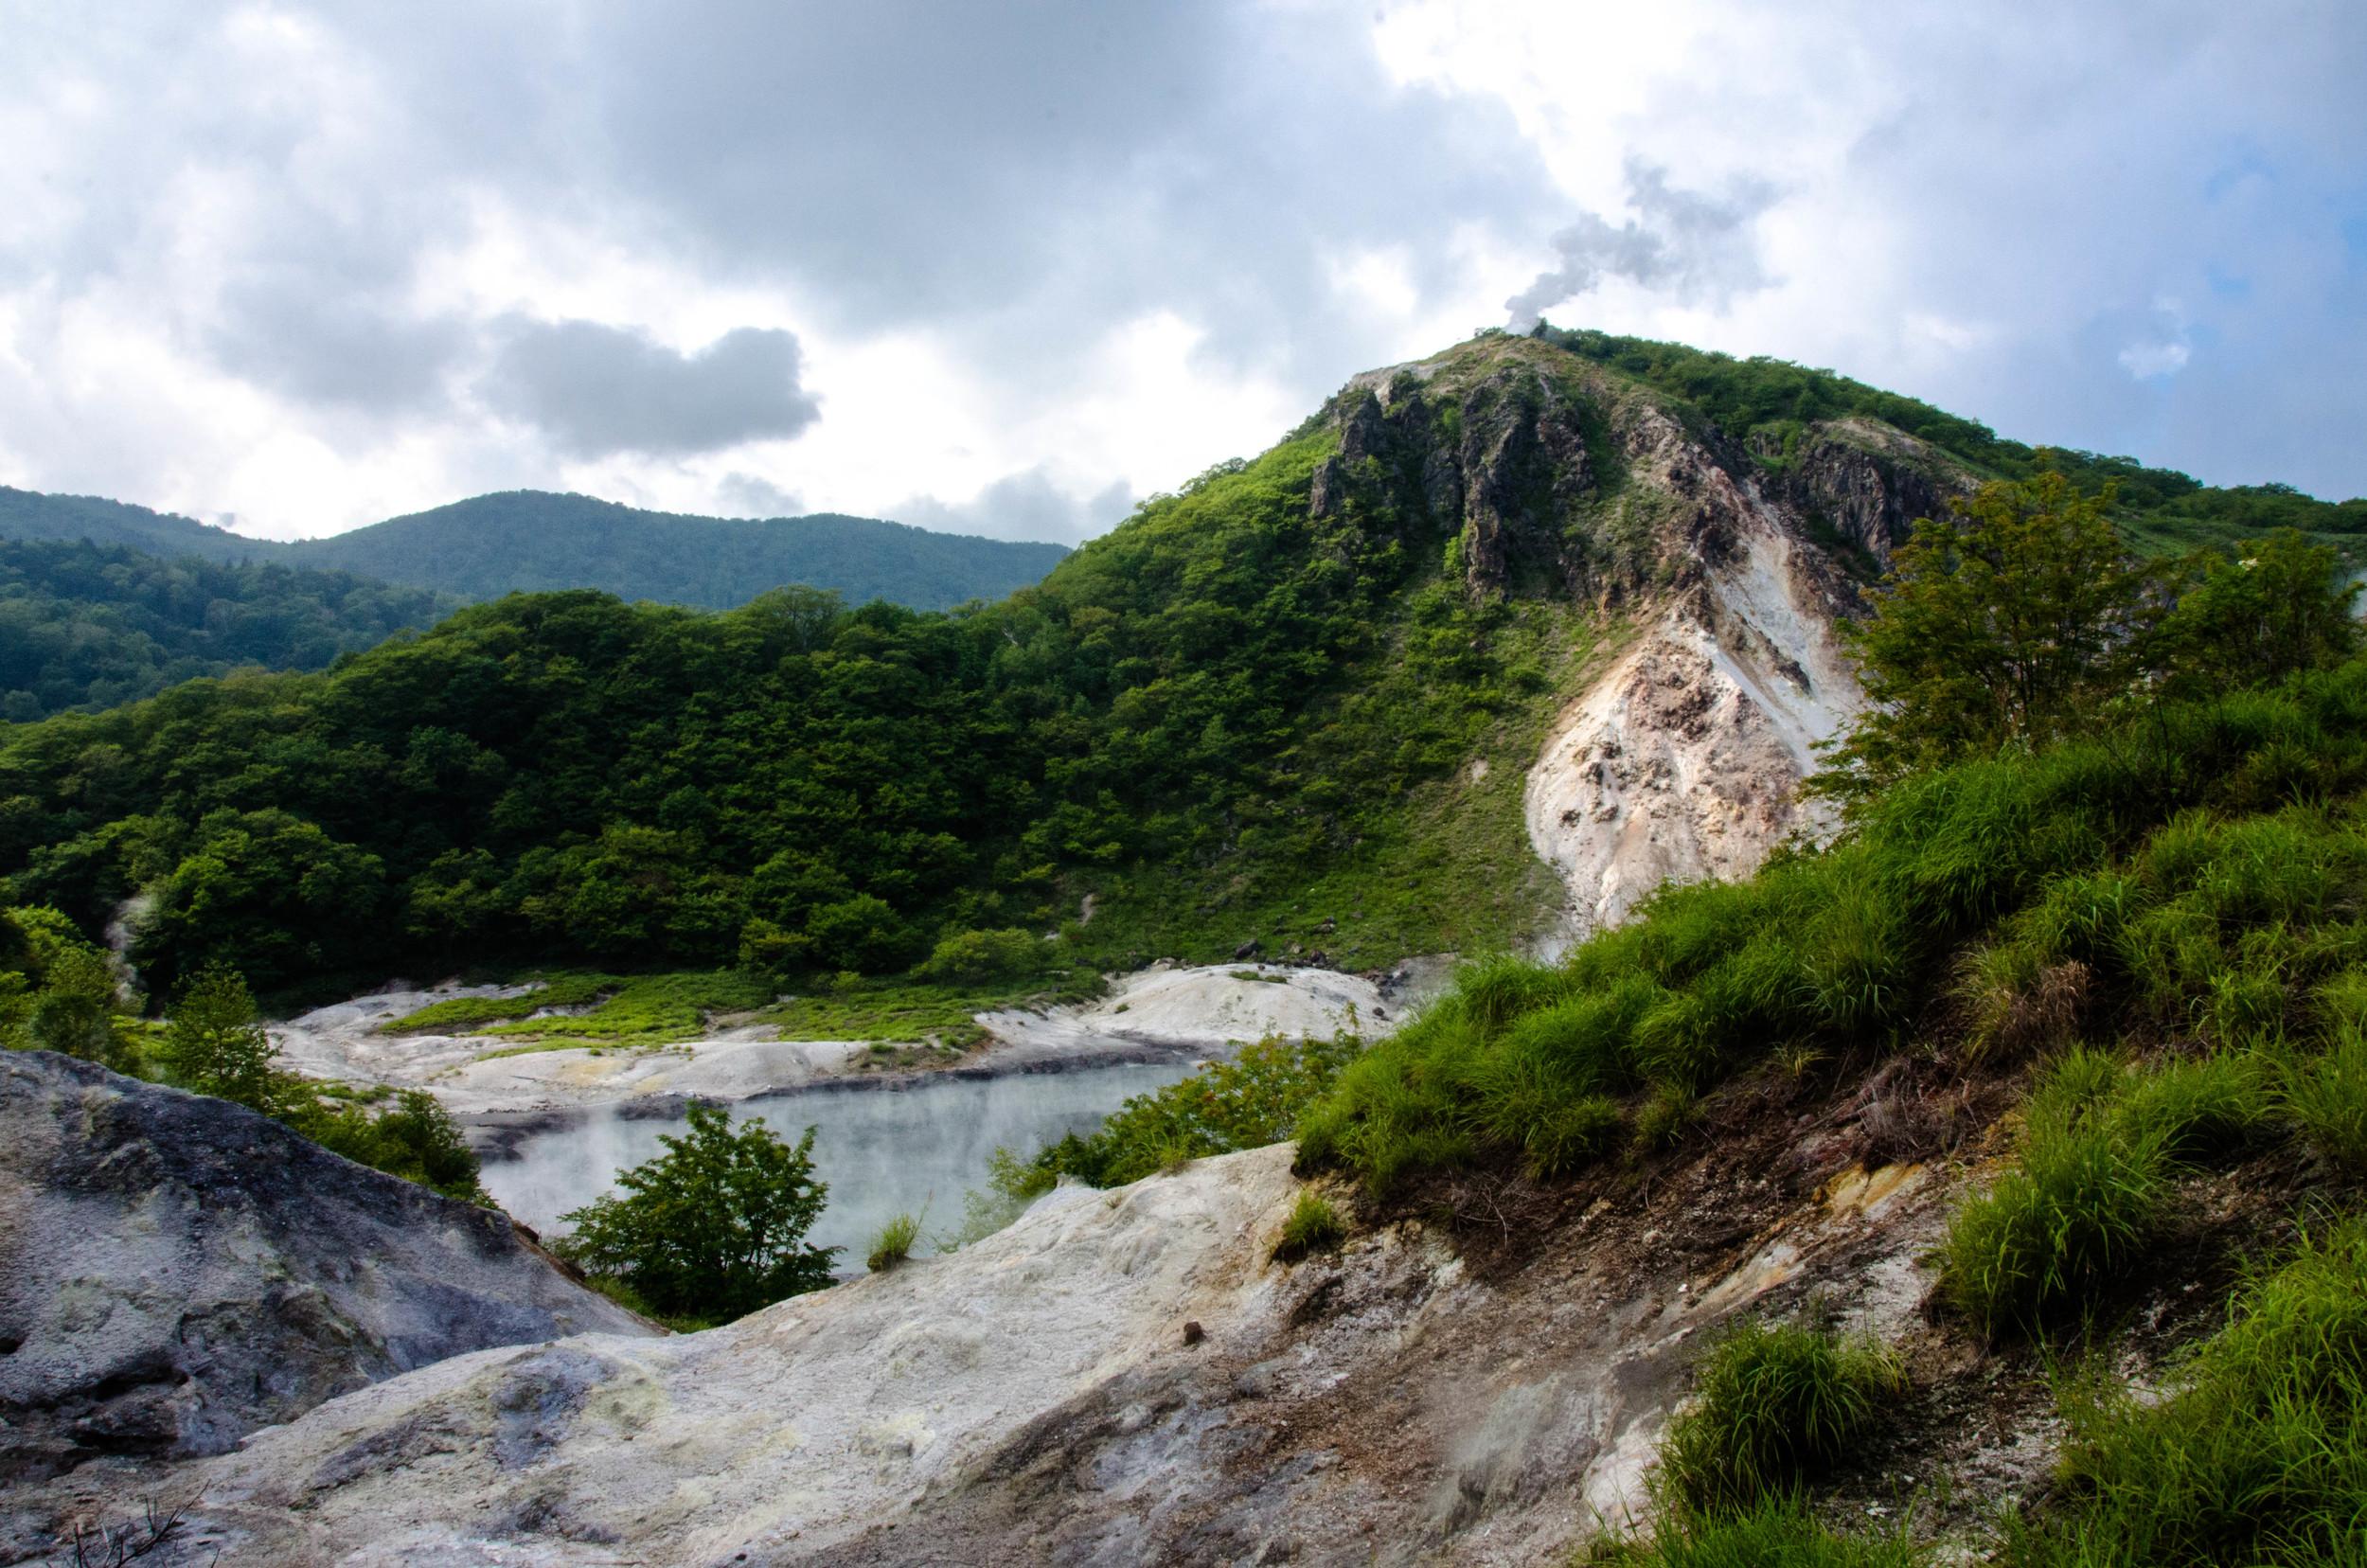 Japan: Shikotsu-Toya National Park, Noboribetsu Jigokudani, Hokkaido (Summer 2013)